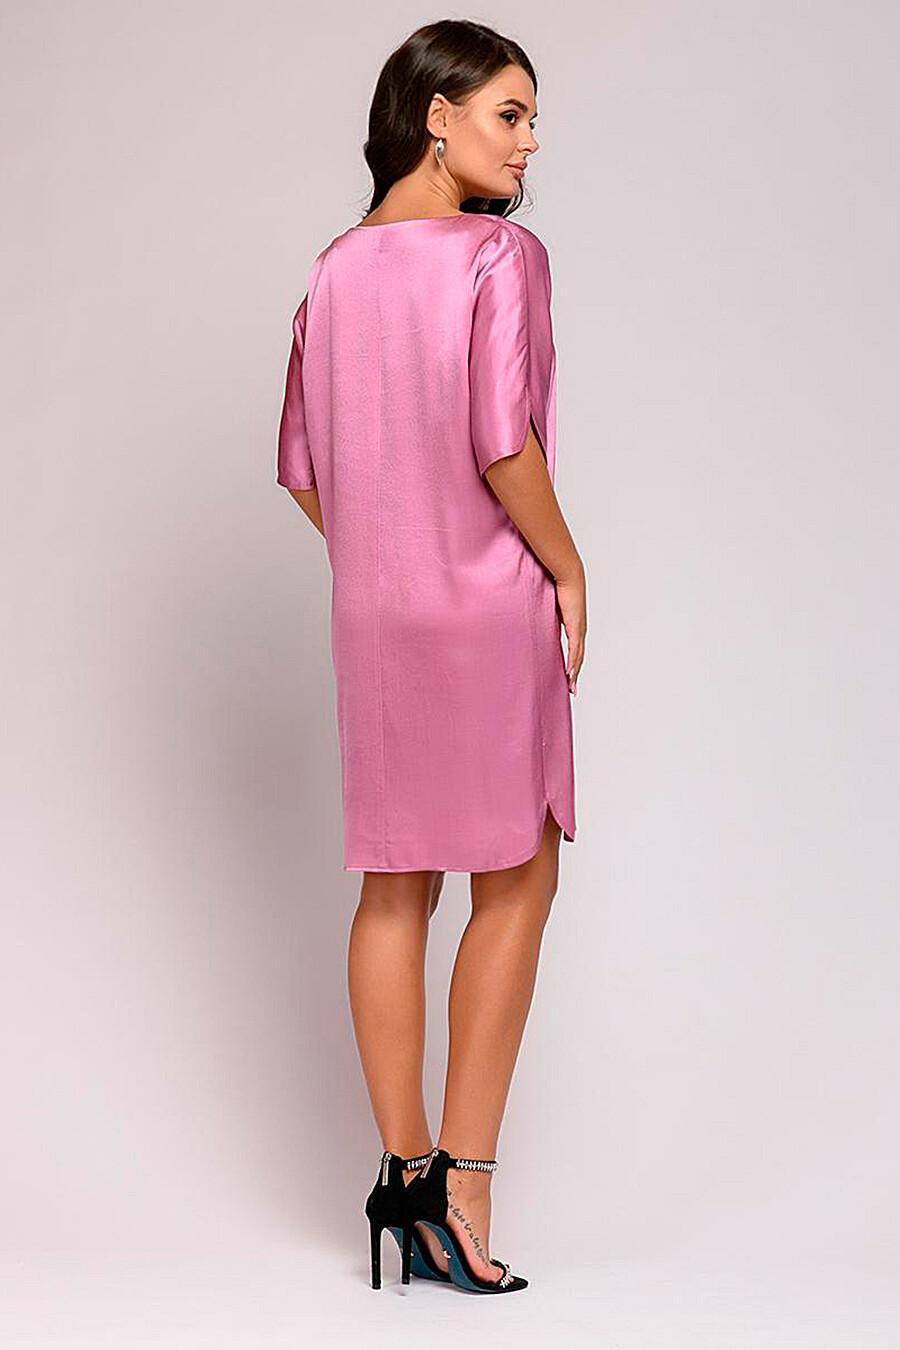 Платье для женщин 1001 DRESS 219926 купить оптом от производителя. Совместная покупка женской одежды в OptMoyo